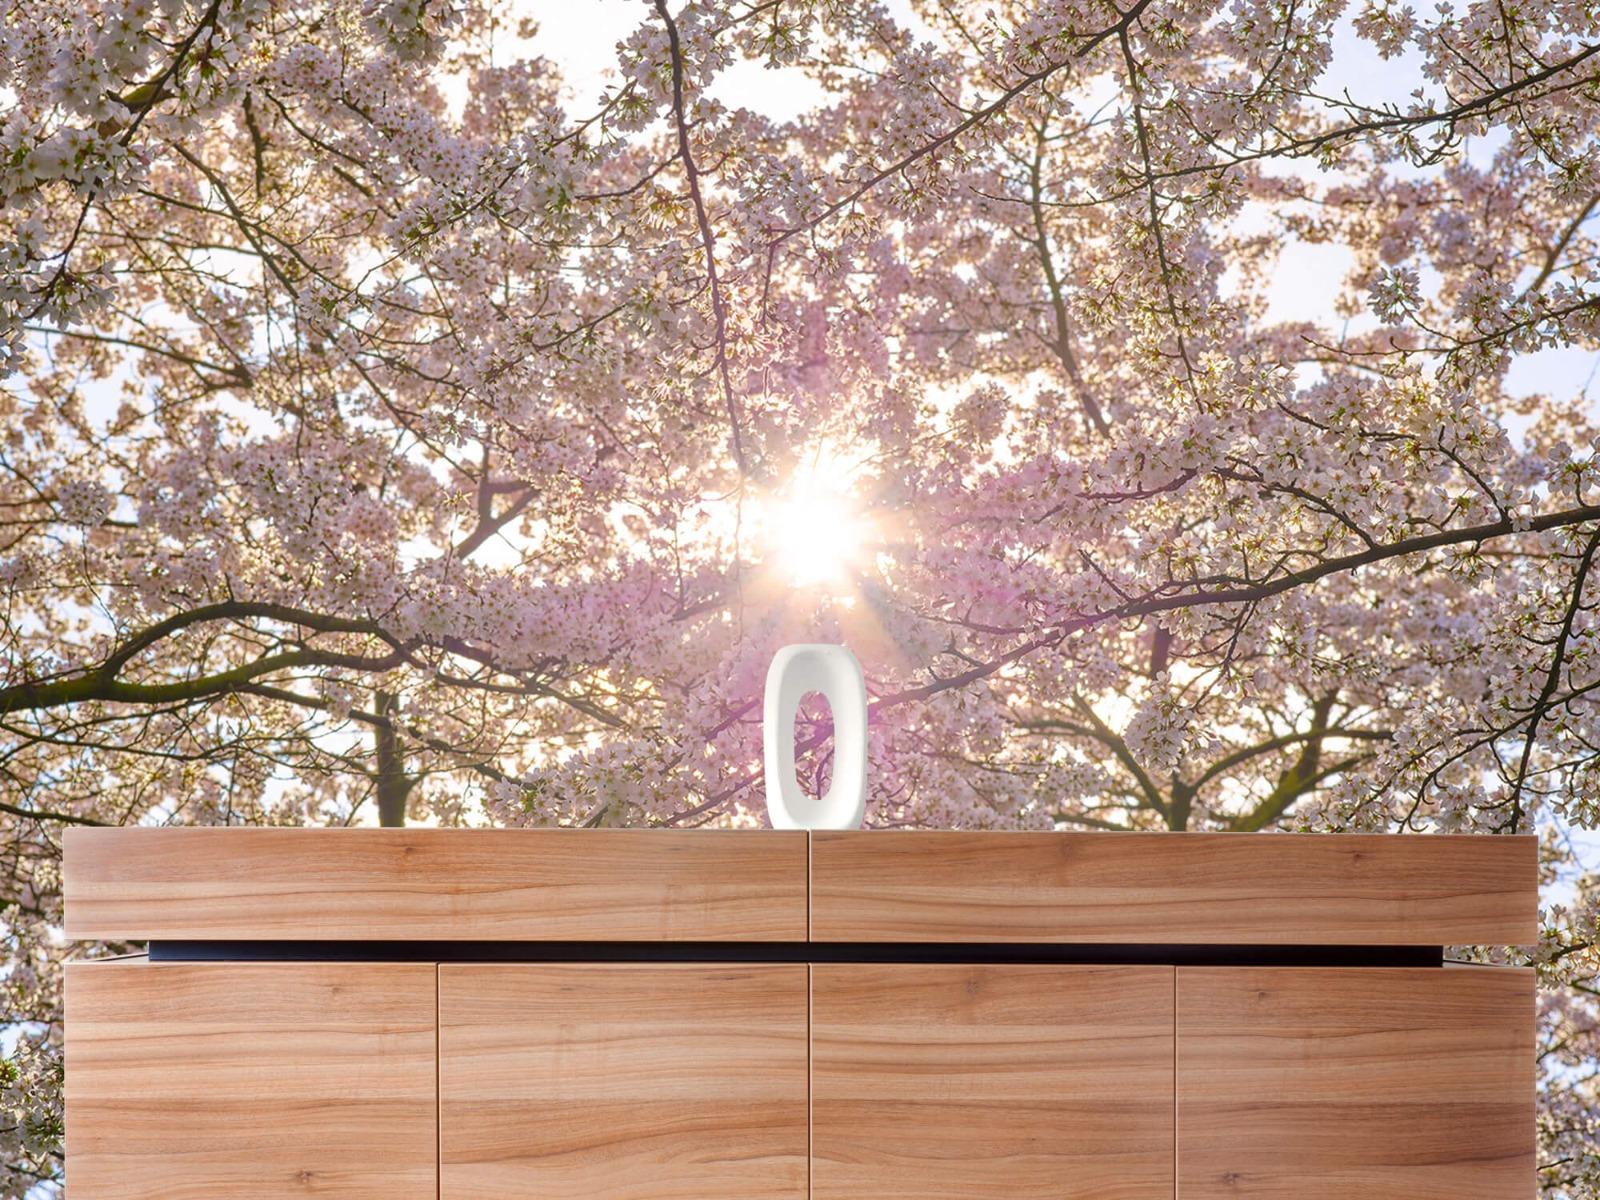 Zon - Bloesem in de zon - Woonkamer 20